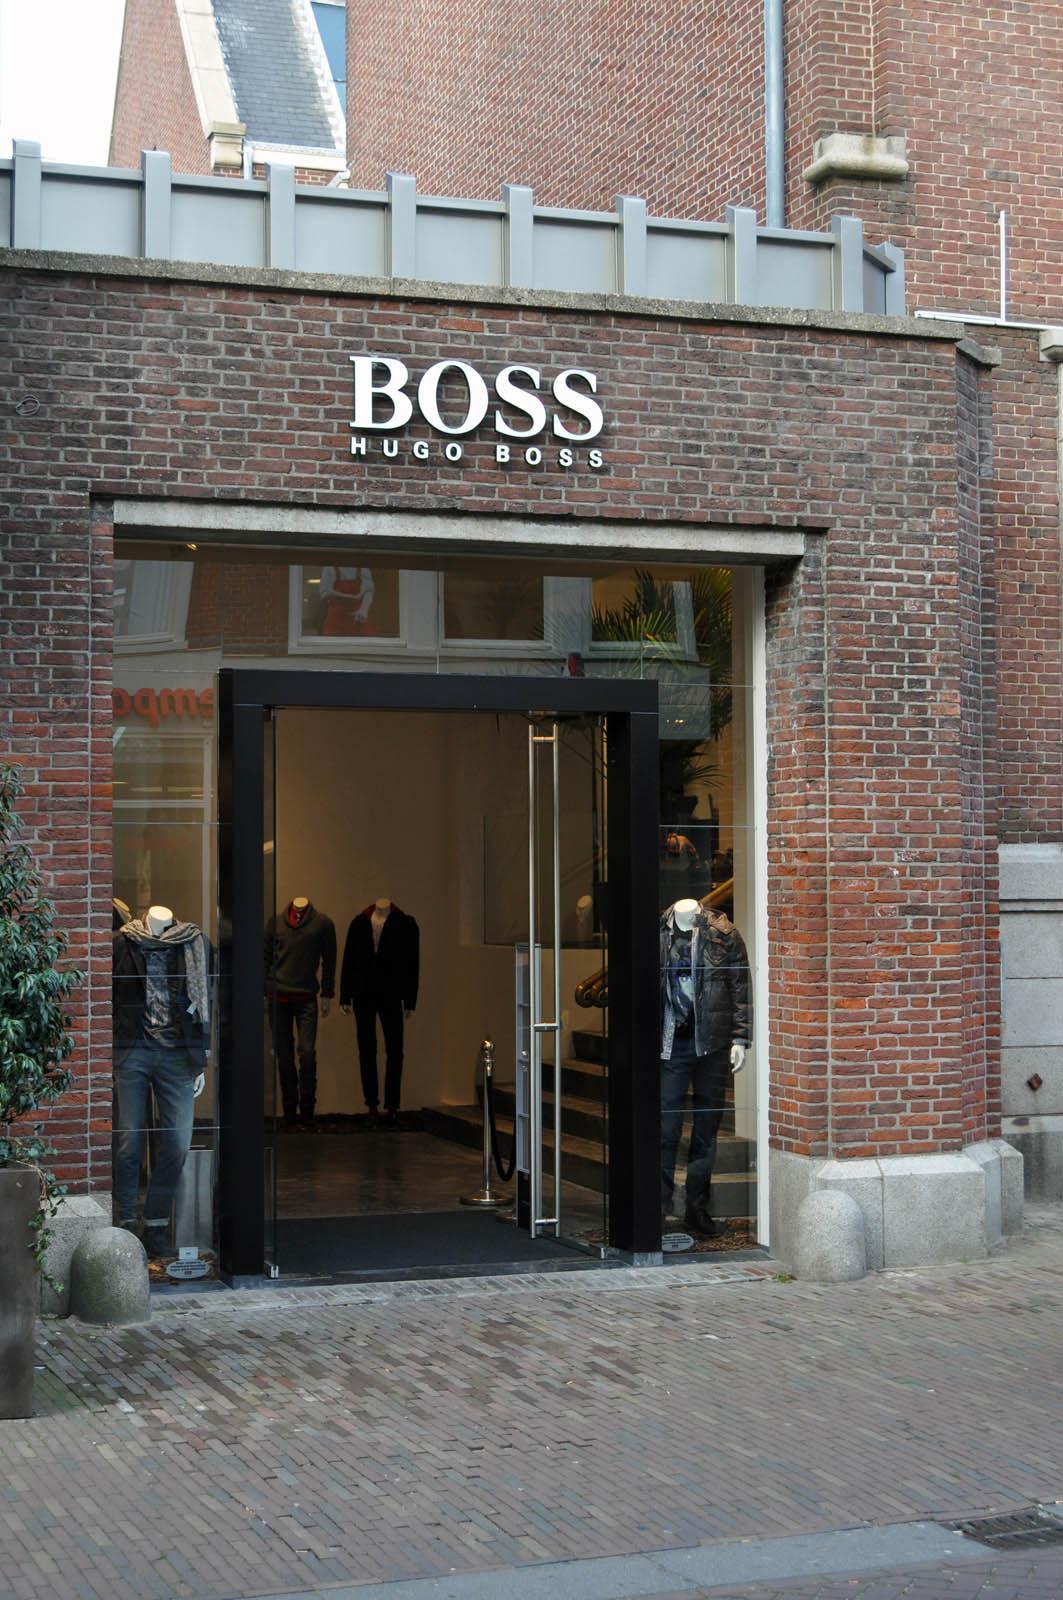 Facade, Hugo Boss in Alkmaar, by Jeroen de Nijs